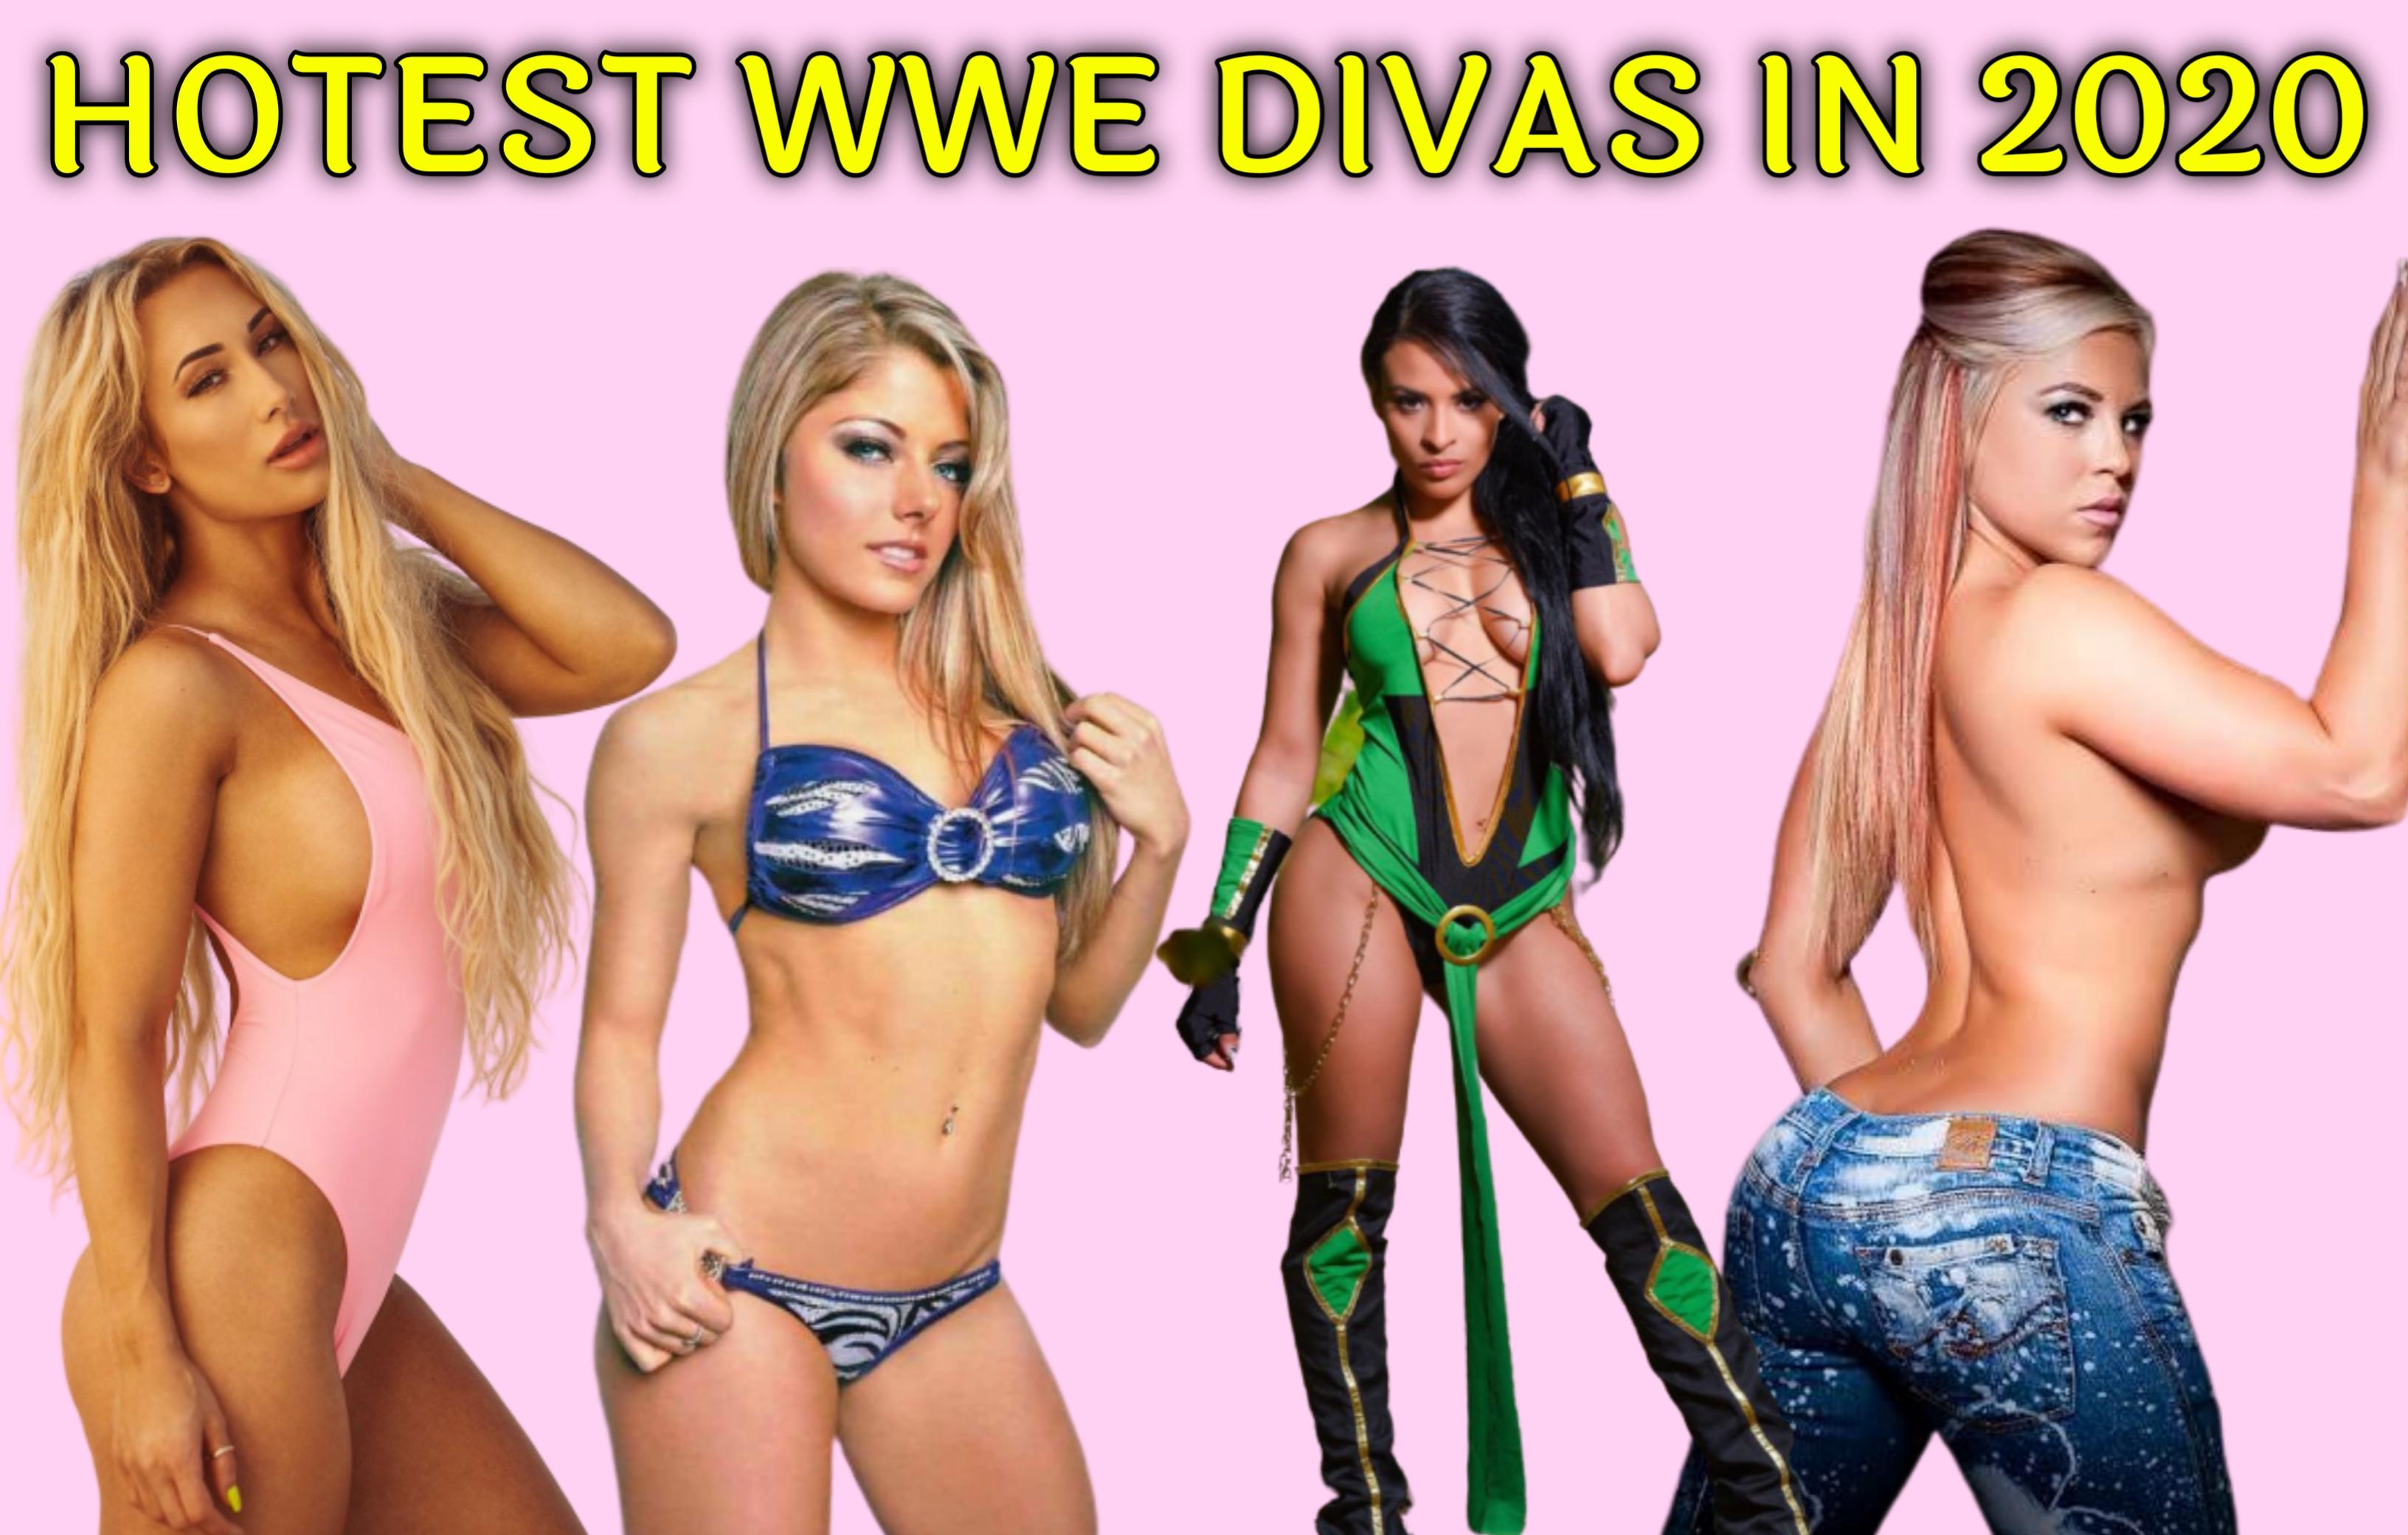 HOTTEST WWE DIVAS IN 2020